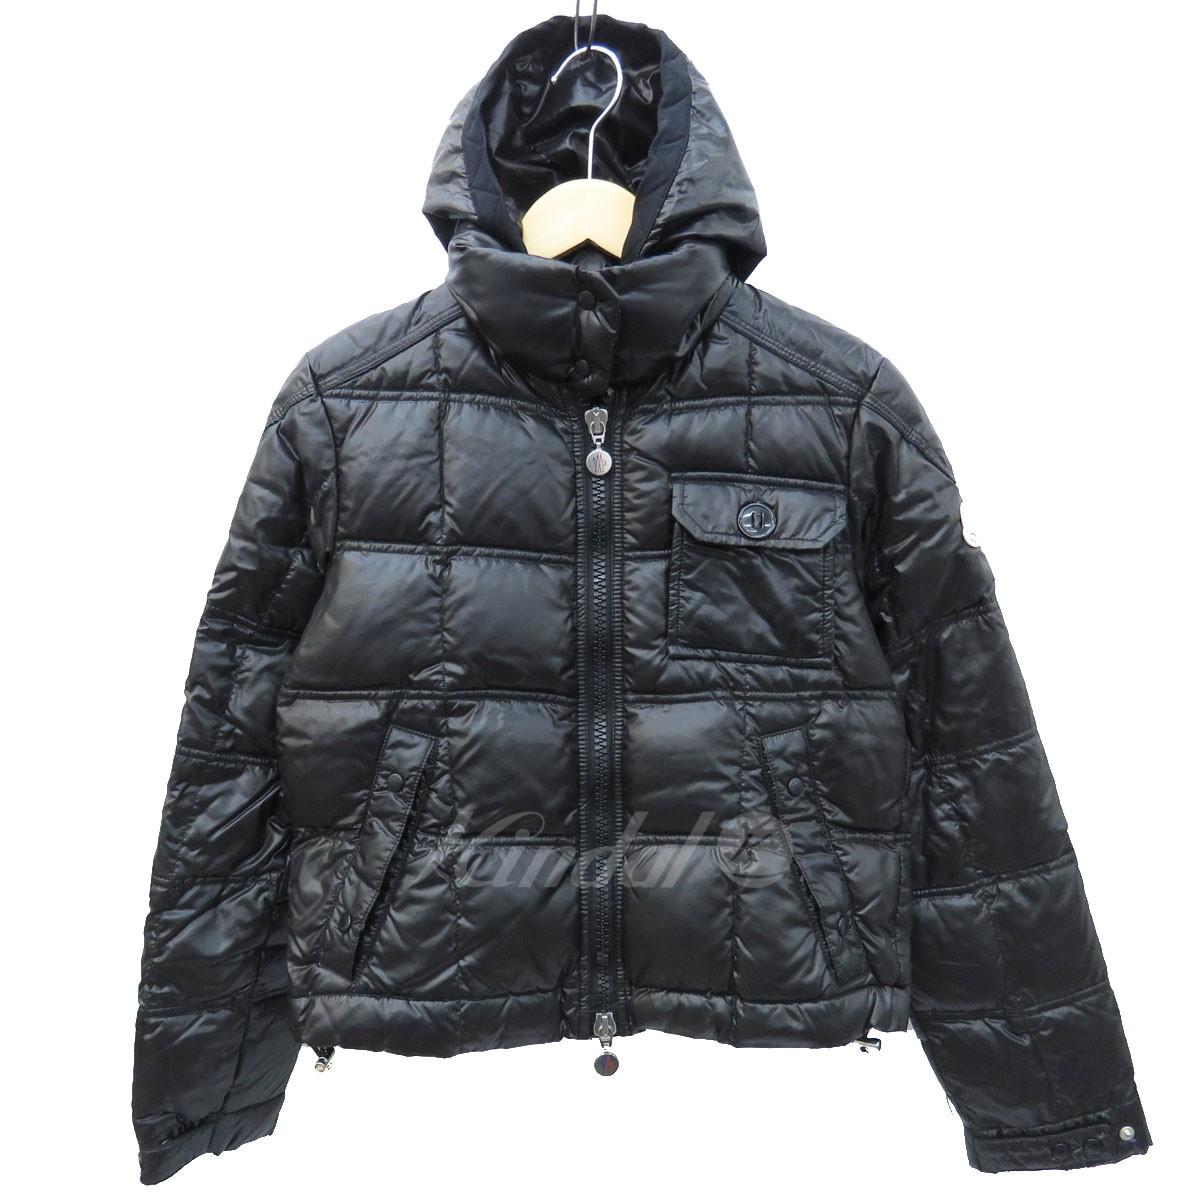 【中古】MONCLER フーデッドダウンジャケット ブラック サイズ:0 【送料無料】 【251018】(モンクレール)